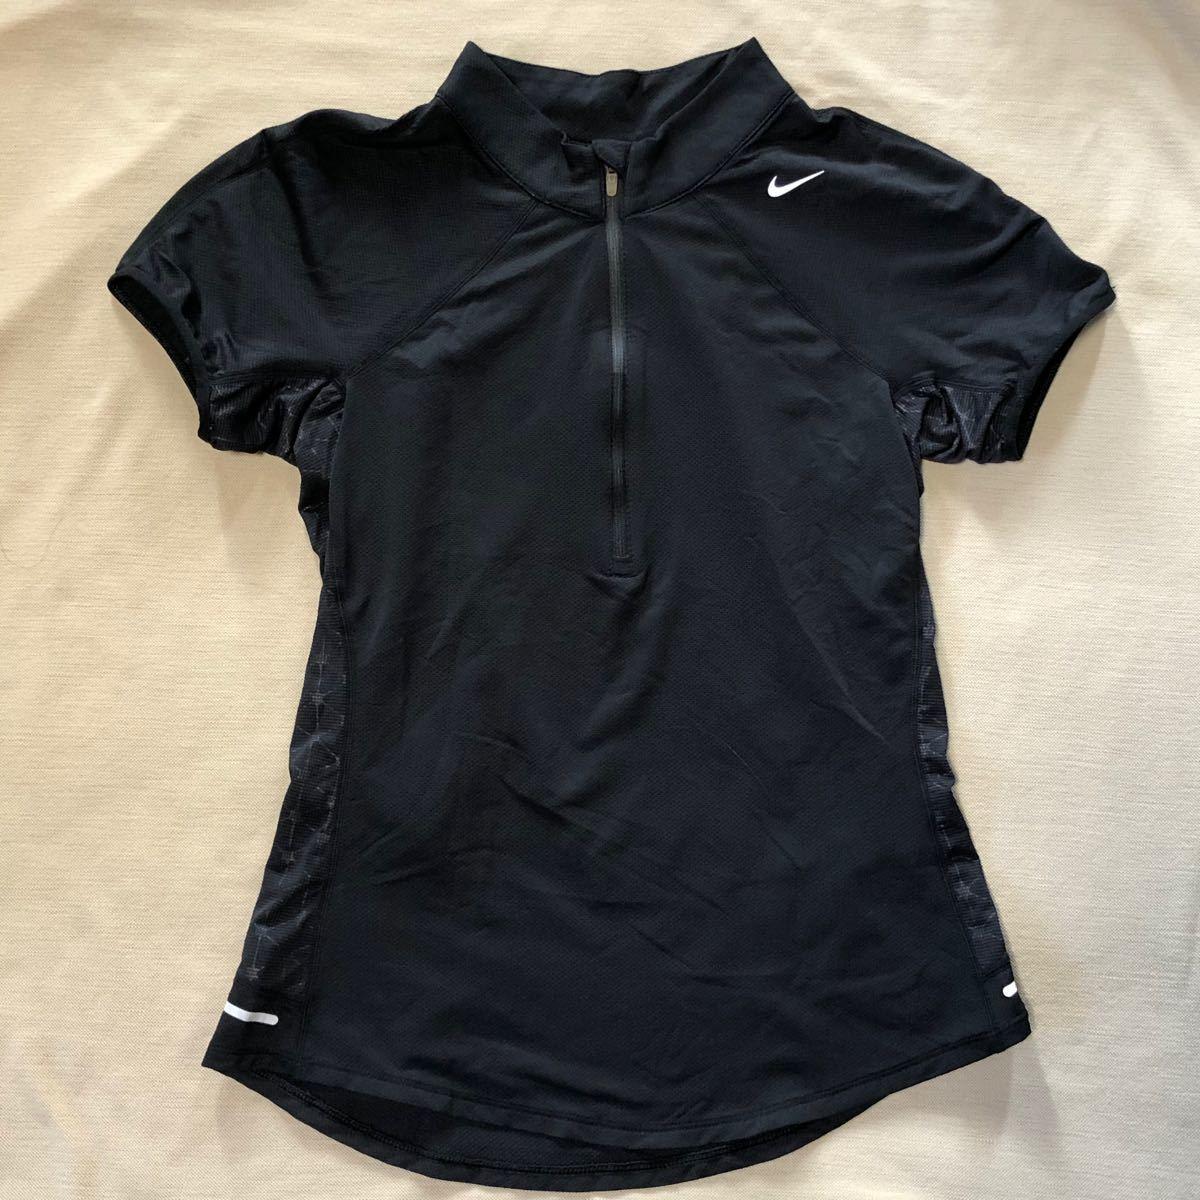 ナイキ NIKE ランニング ウェア シャツ 半袖